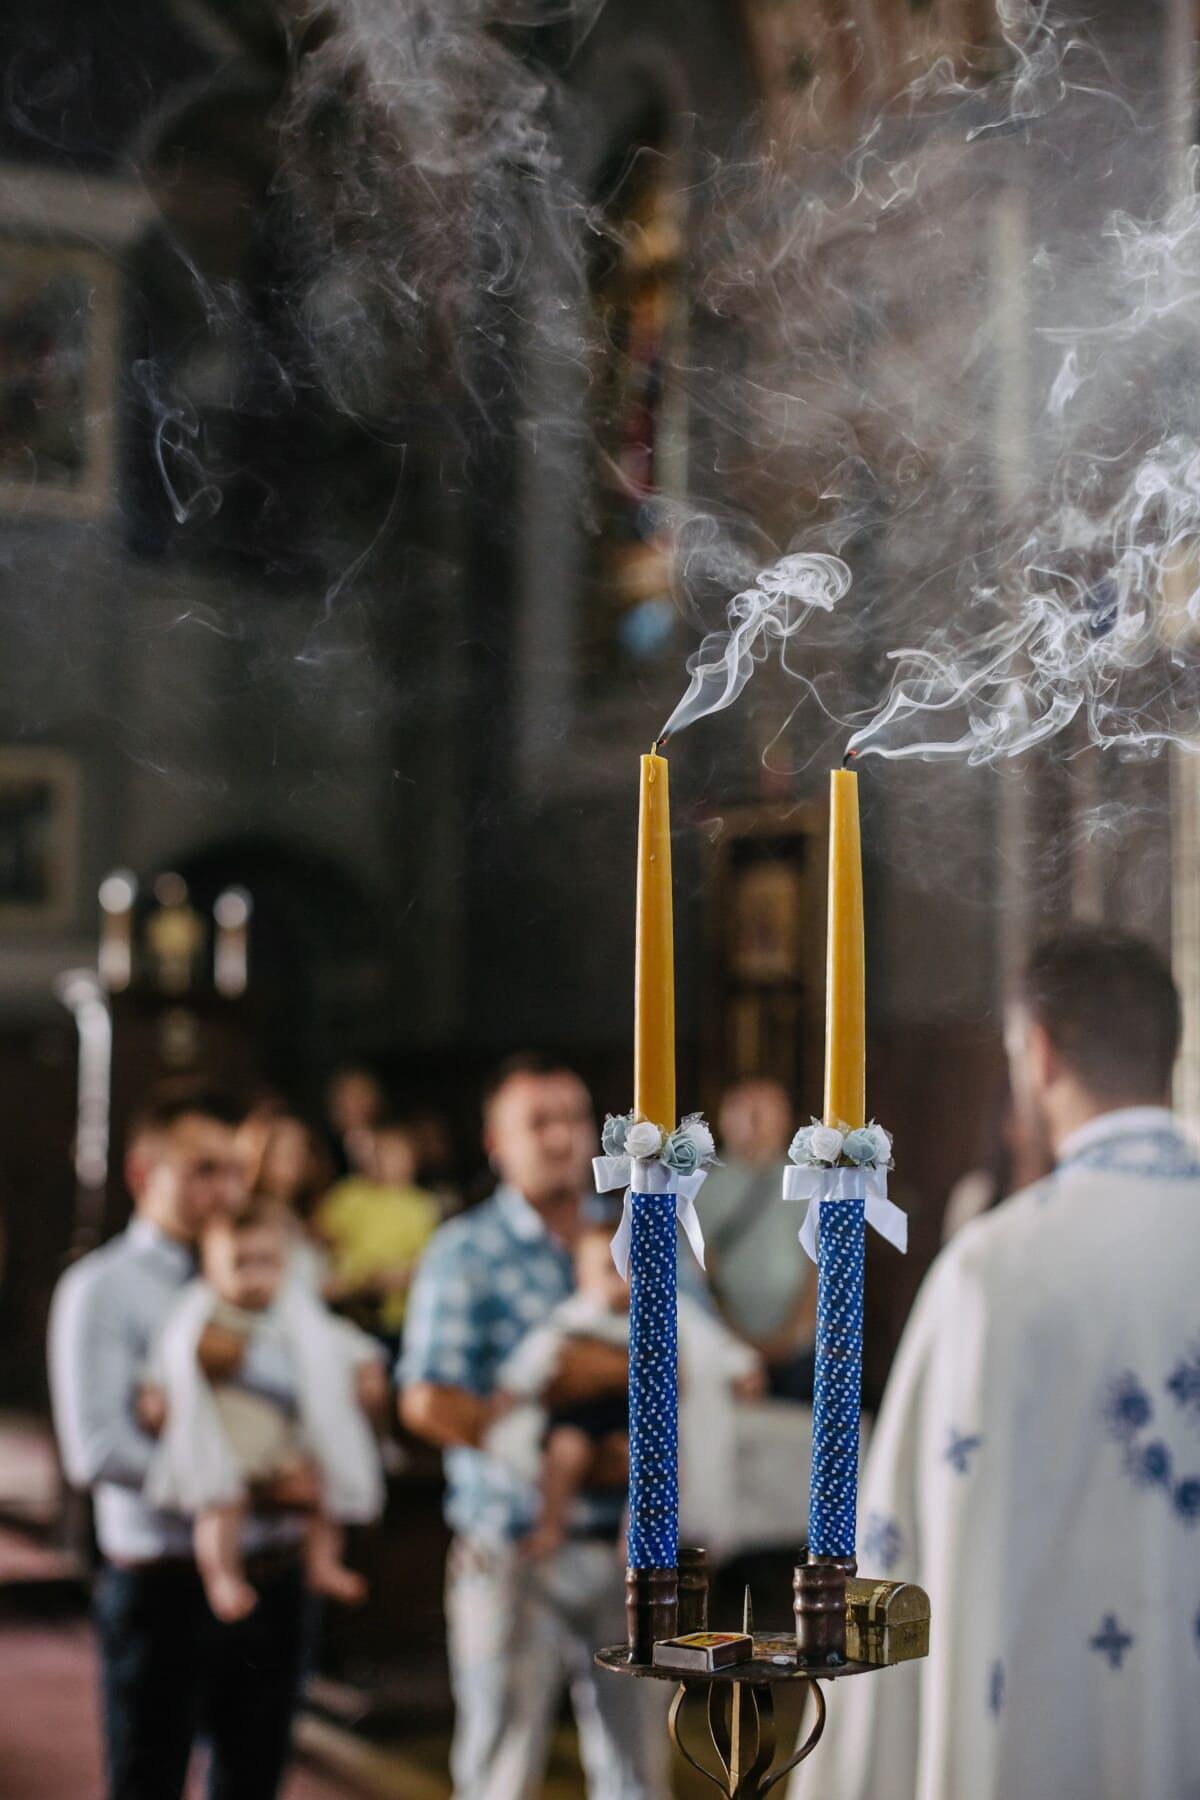 καπνός, κεριά, βάπτισμα, εκκλησία, ιερέας, φως, άτομα, πόλη, άνθρωπος, τελετή